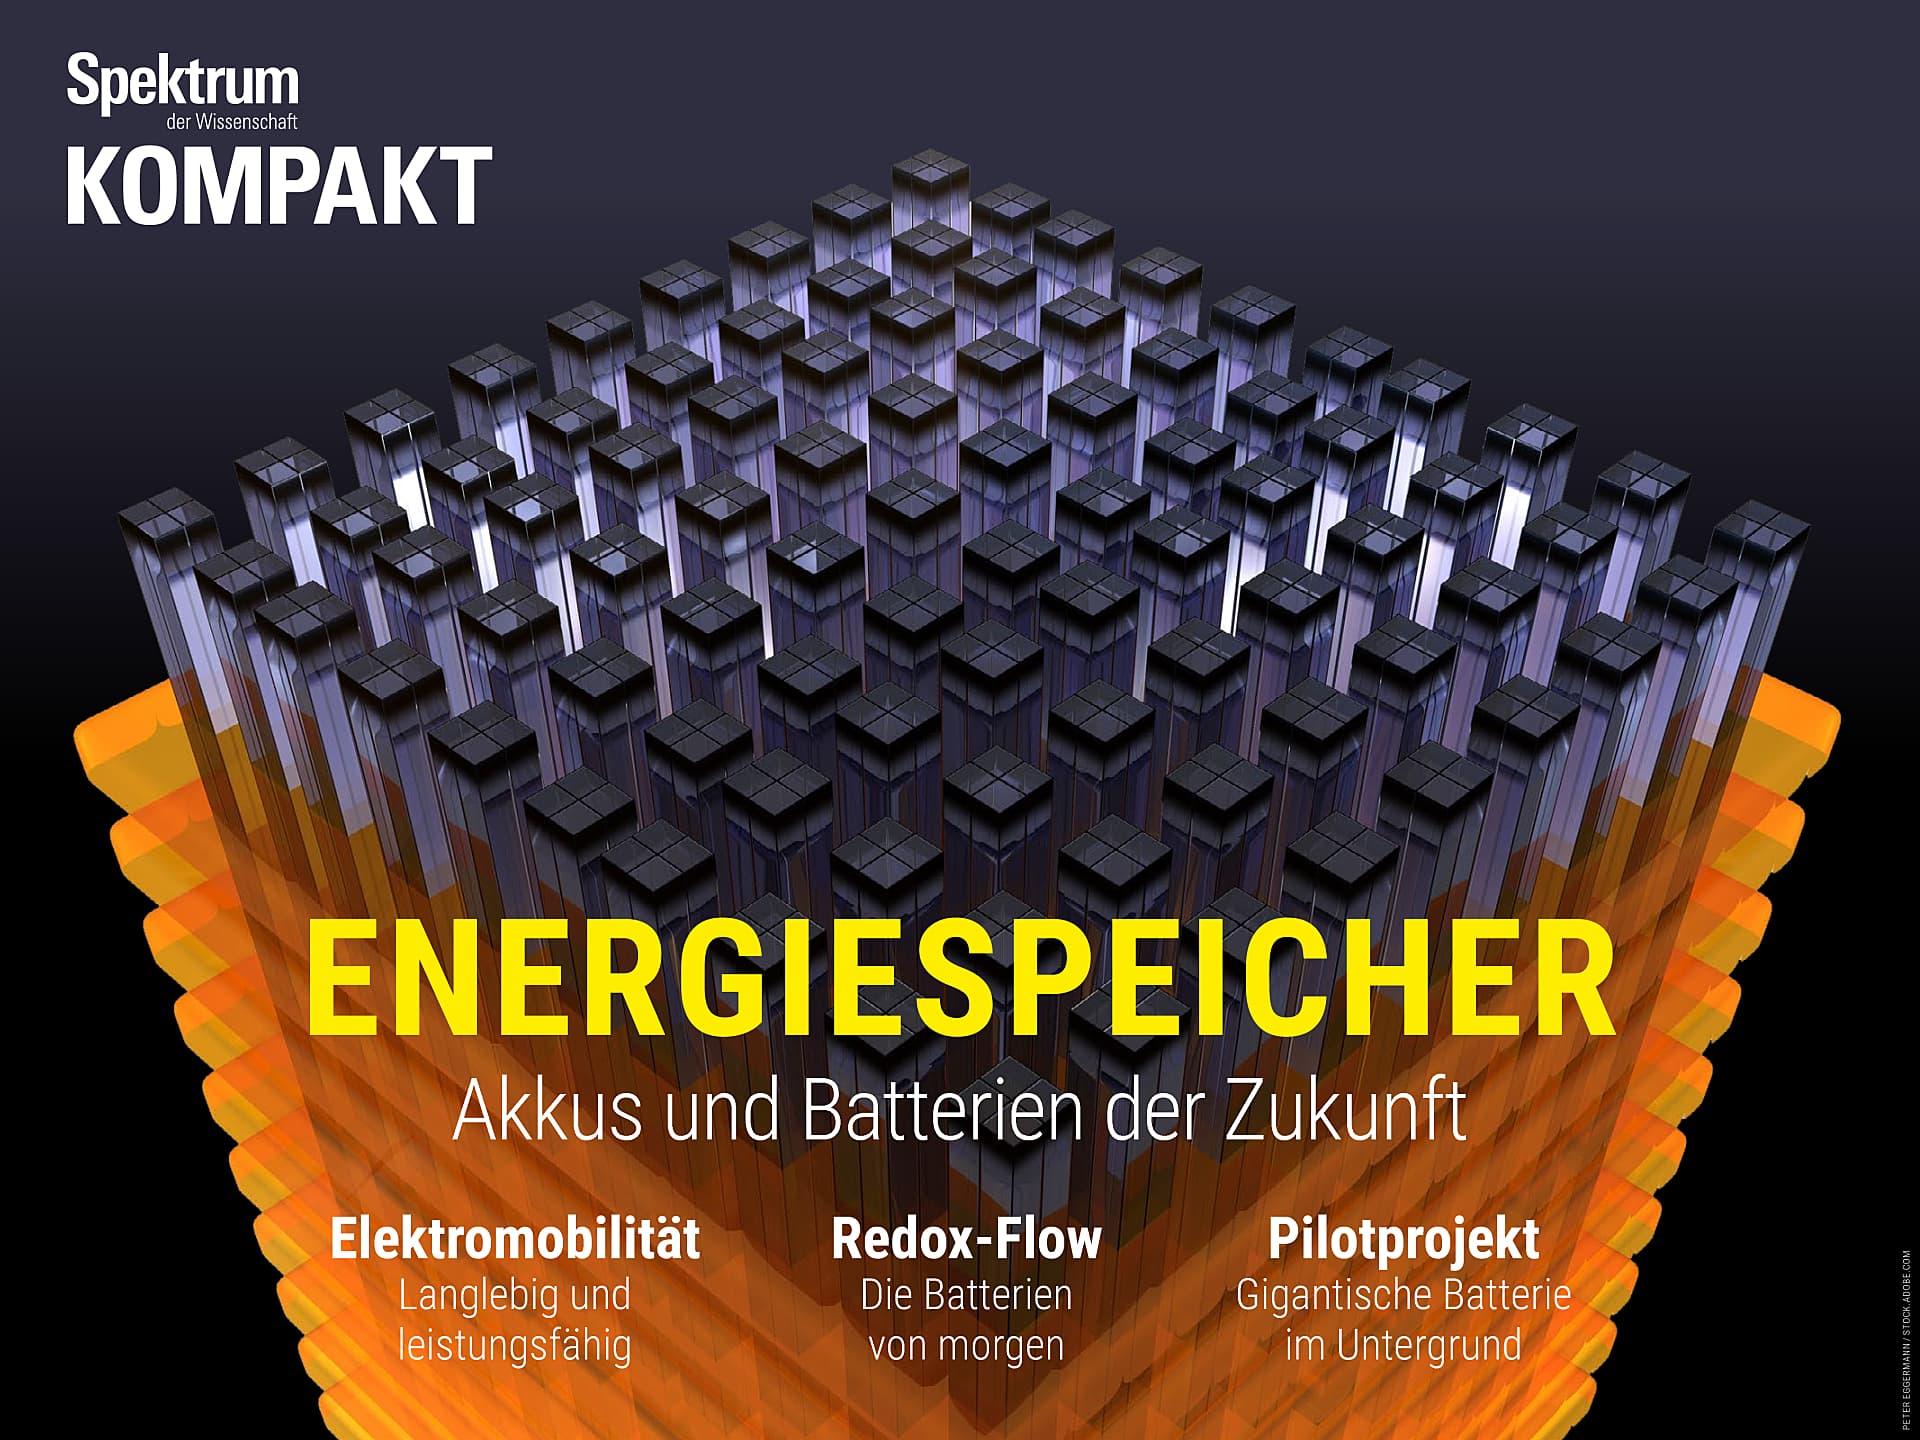 Energiespeicher - Akkus und Batterien der Zukunft